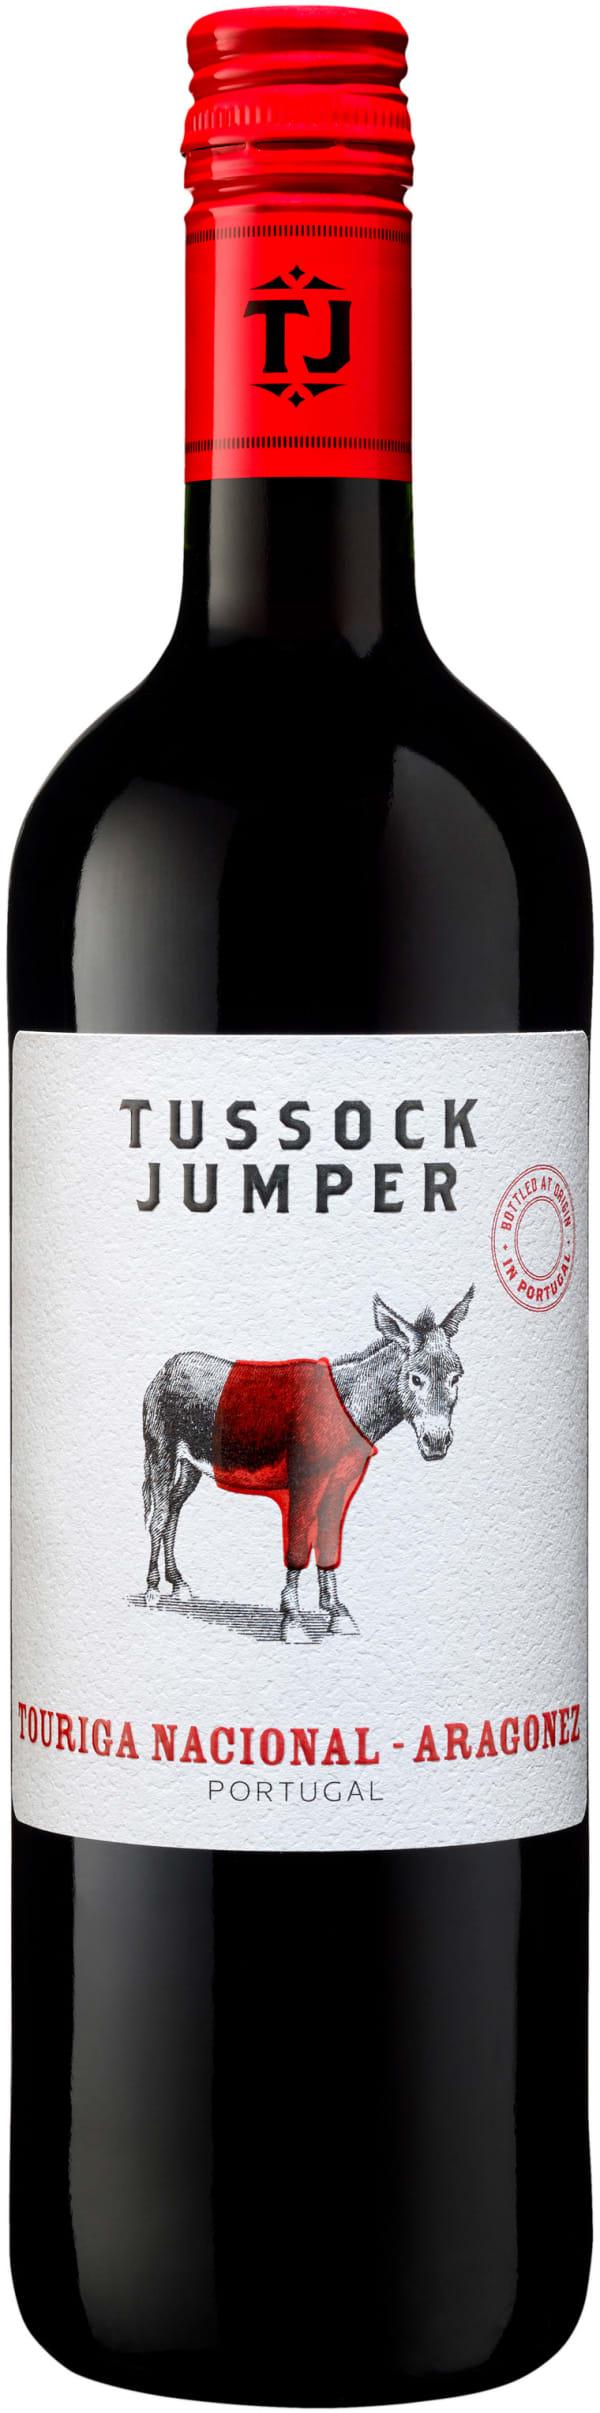 Tussock Jumper Touriga Aragonez 2015